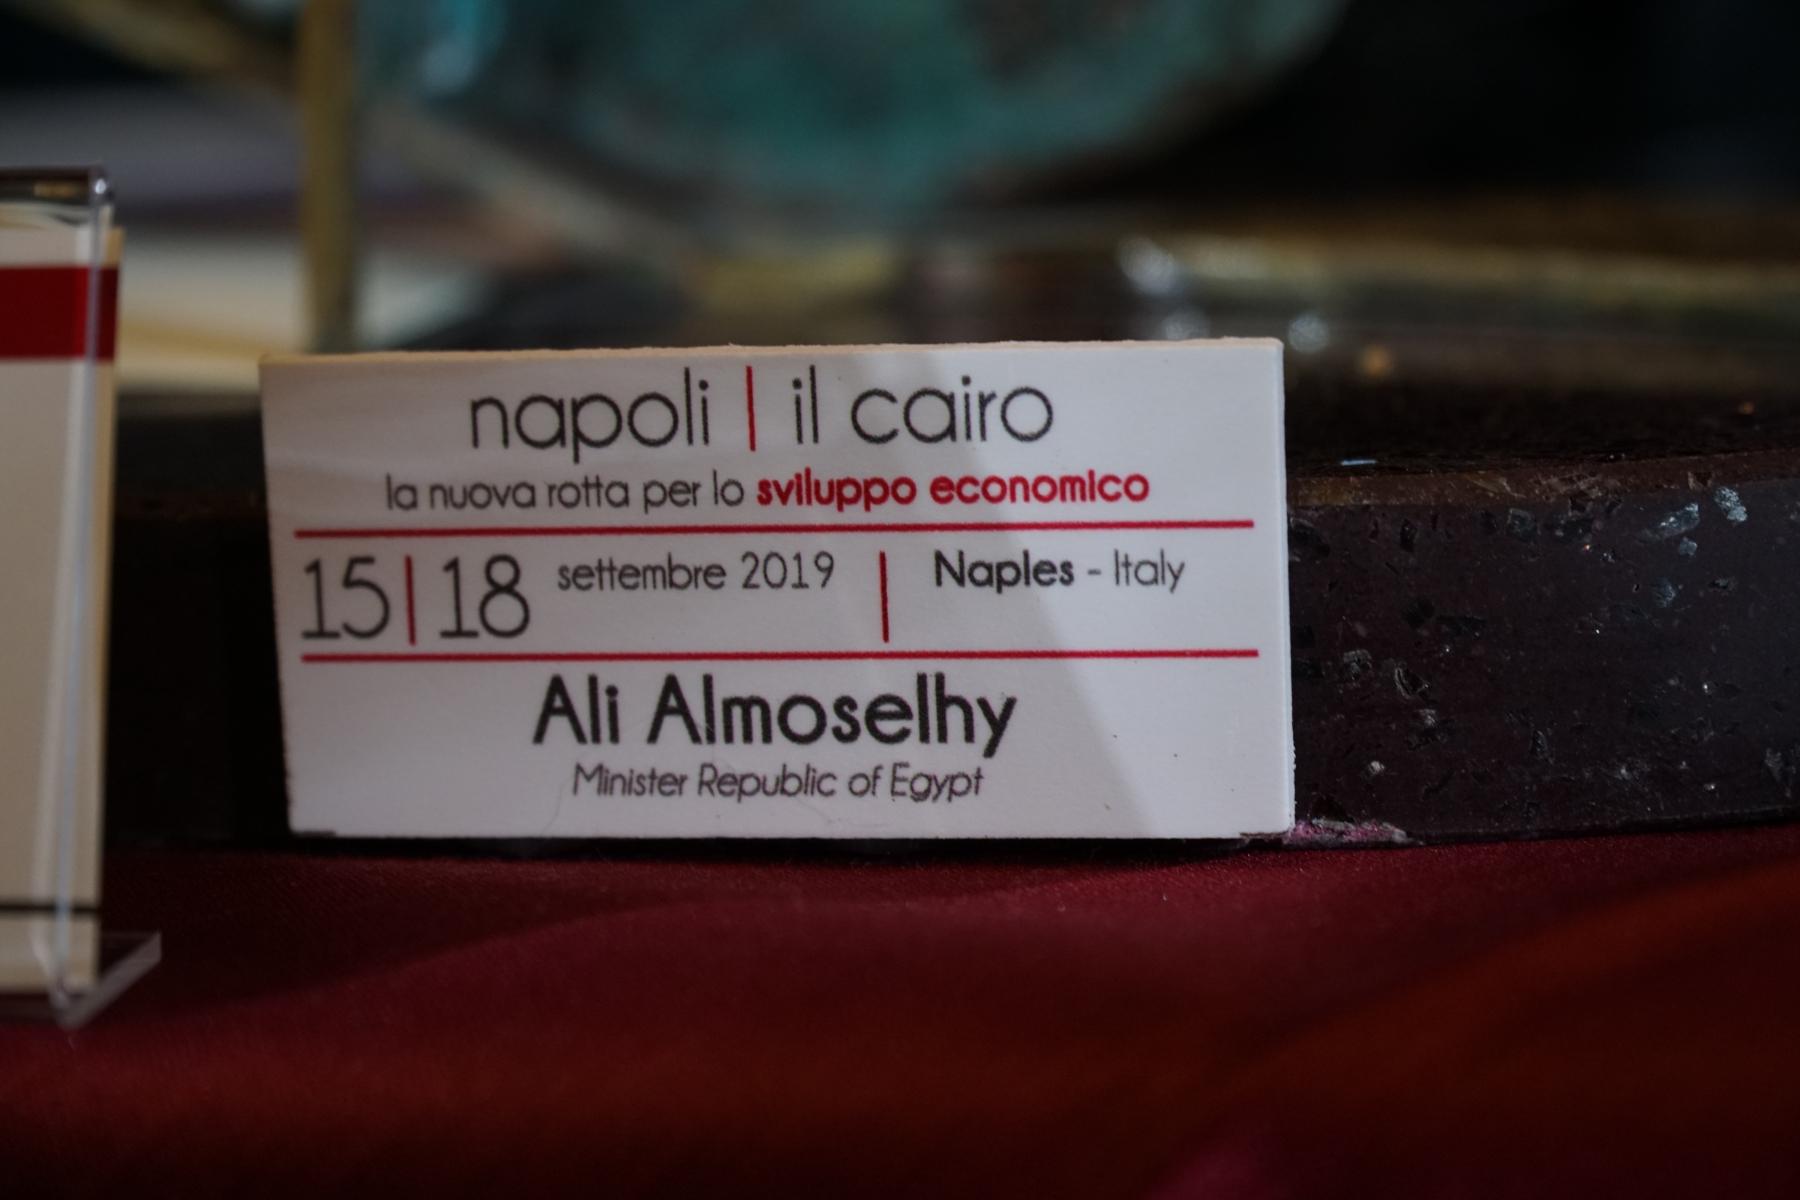 Napoli - Il Cairo una rotta per lo sviluppo economico Settembre 2019 (1)